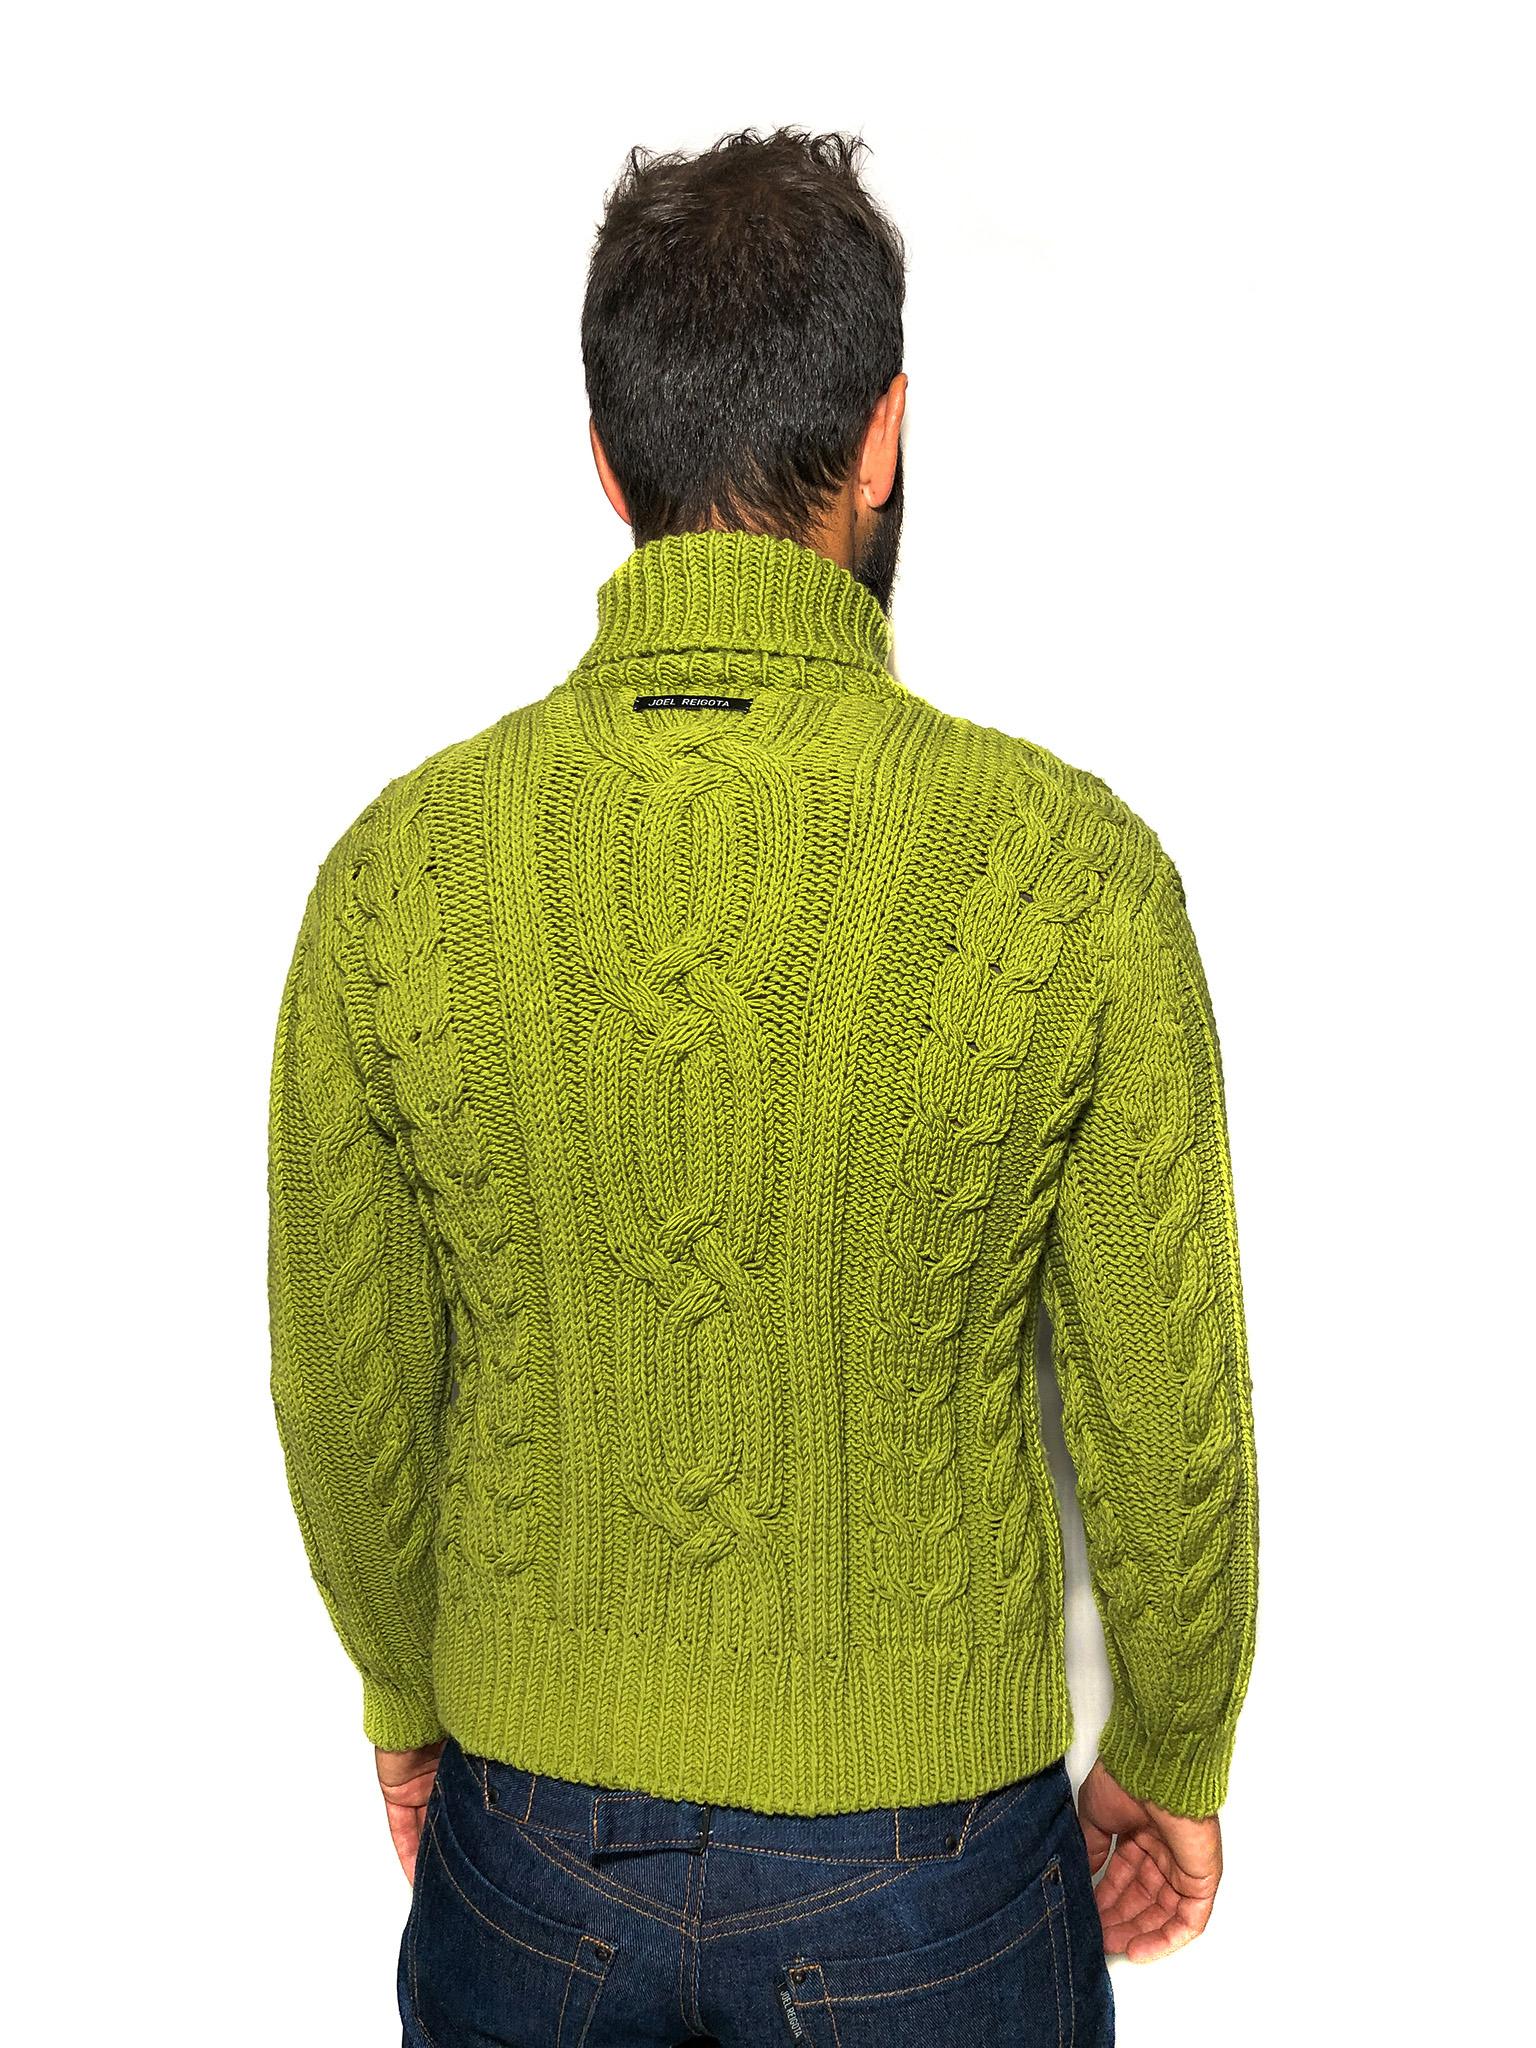 Green Wool Jumper